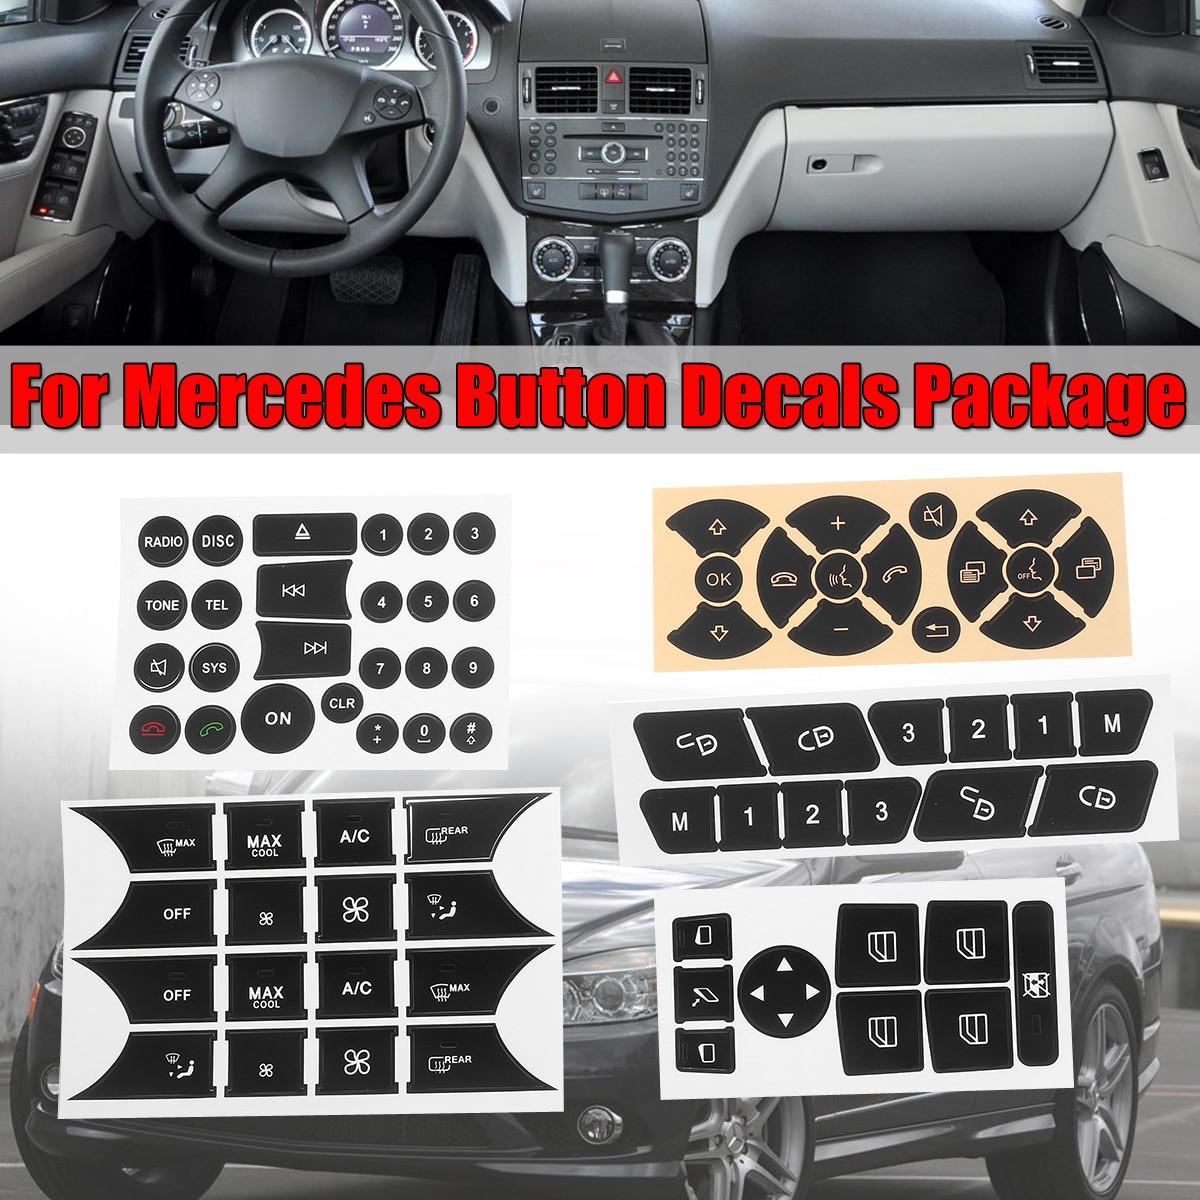 Reparação Botão de Direcção do carro AC Fechadura Da Porta Janela Decalques Adesivos Novo Para Mercedes Benz 2007-2014 Reparação Botão adesivo Decalque